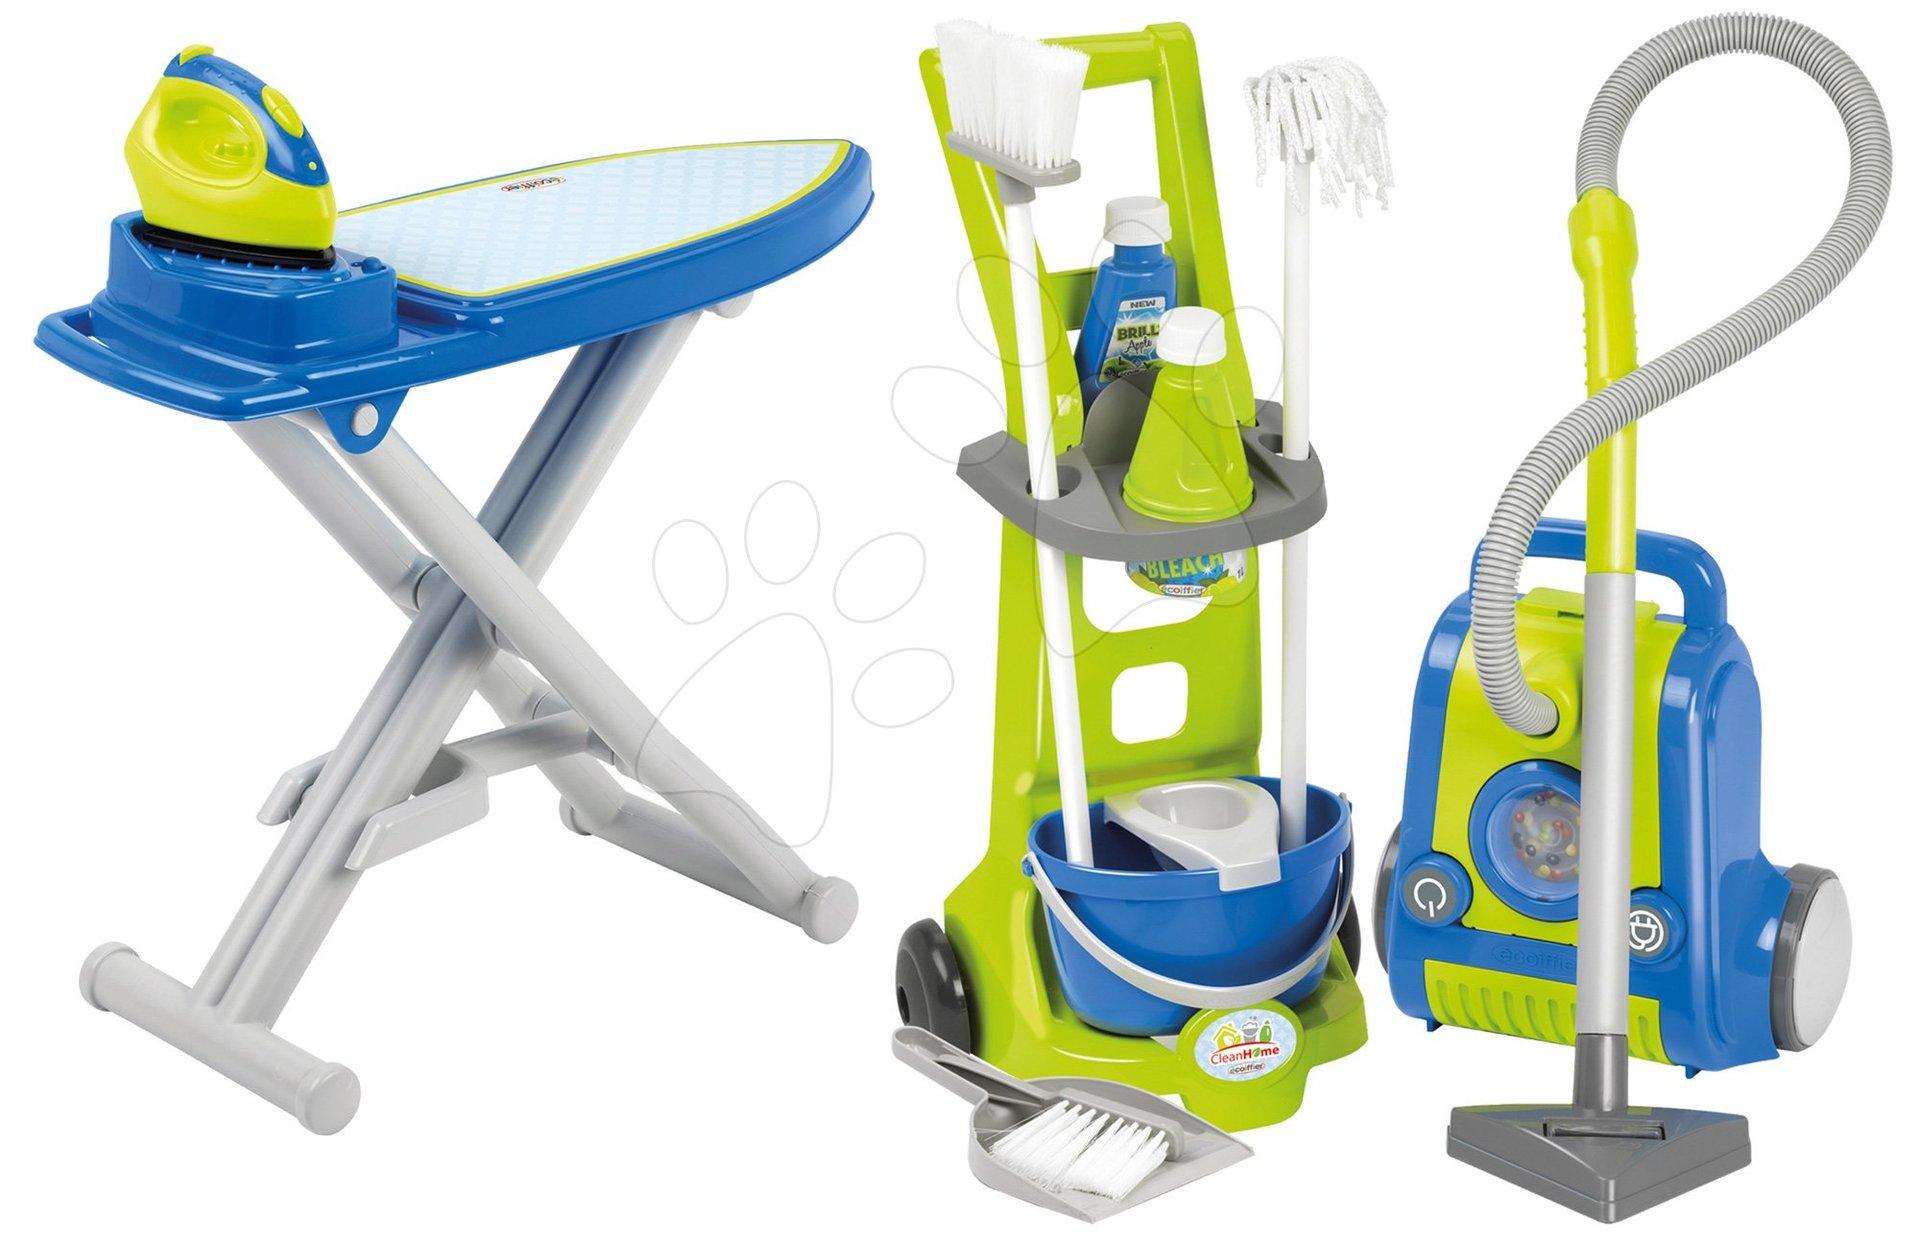 Úklidový set CleanHome Écoiffier vozík s vysavačem a žehlicí prkno s žehličkou